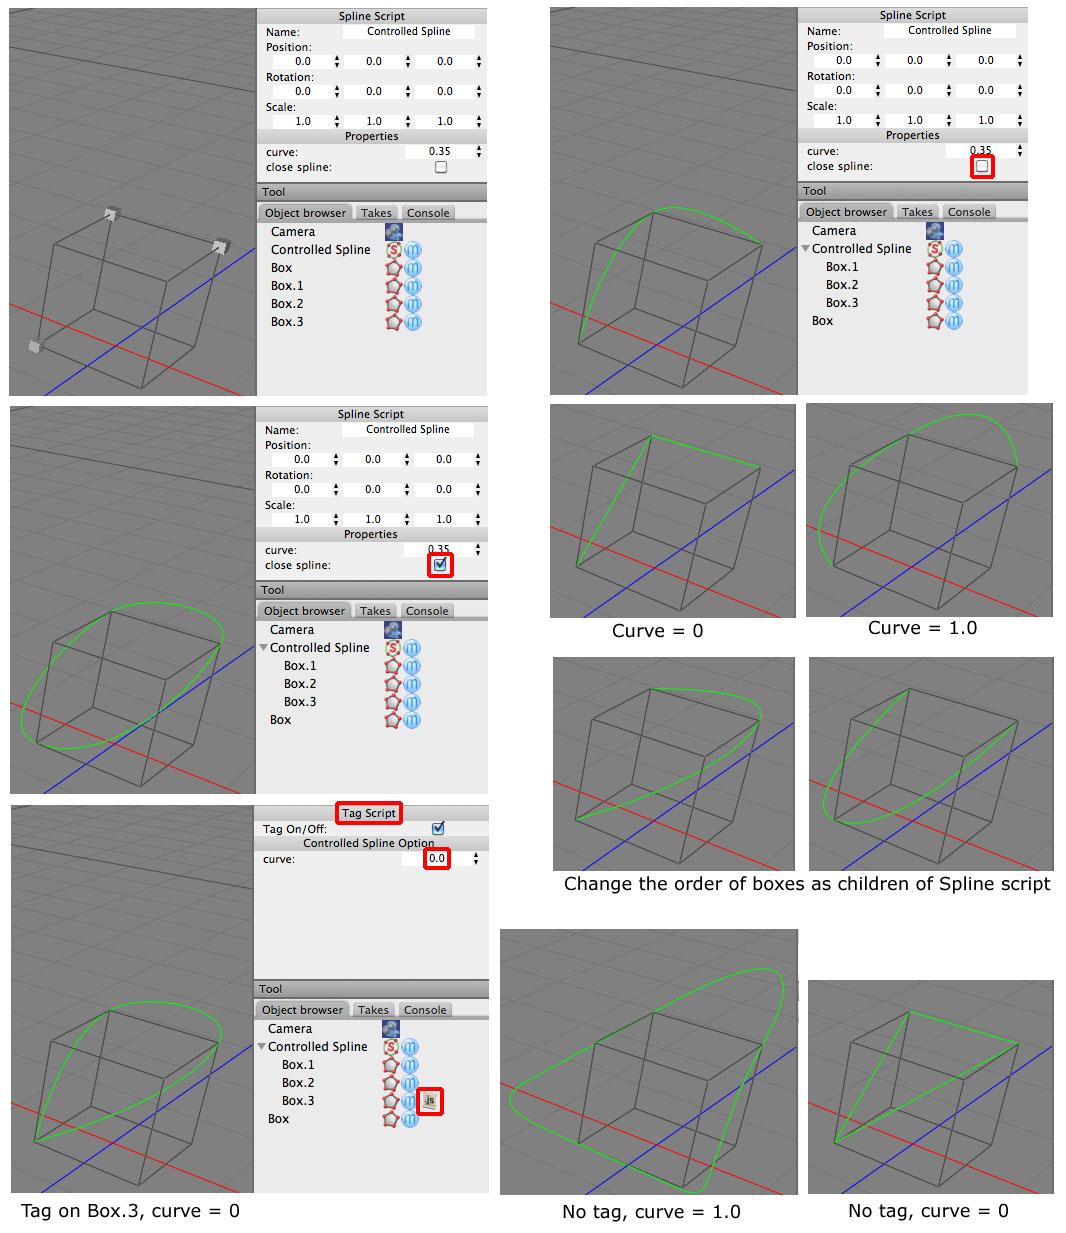 spline-script3.jpg